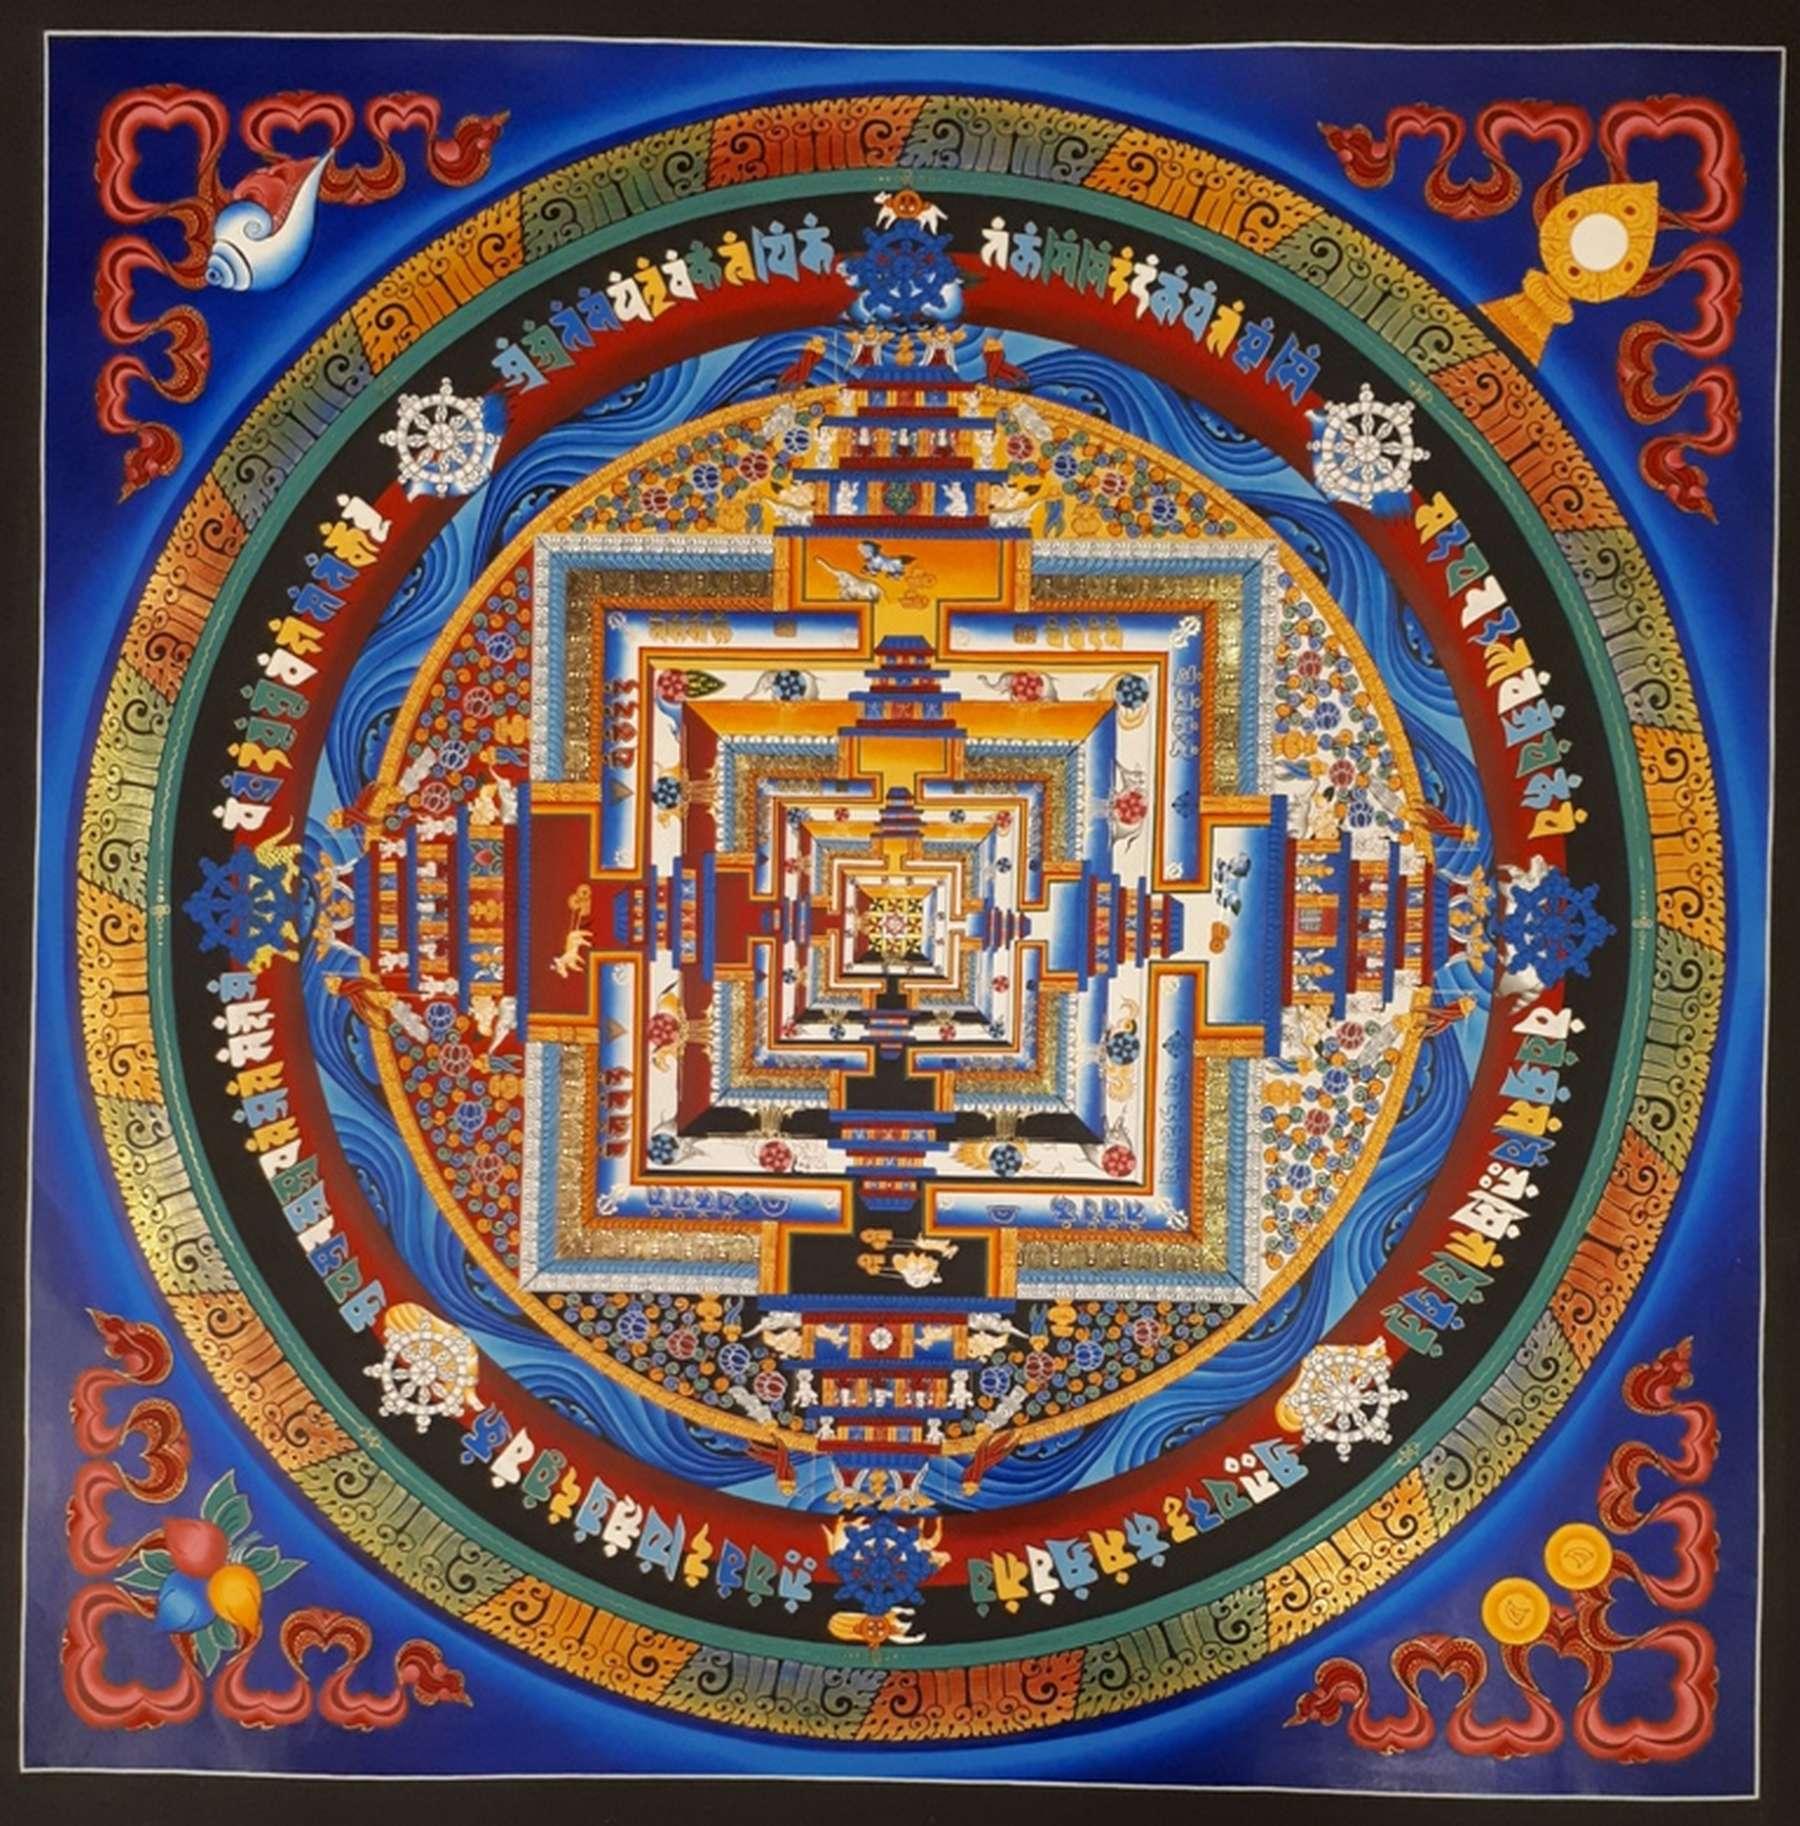 Kalachakra Buddhist Mandala Art